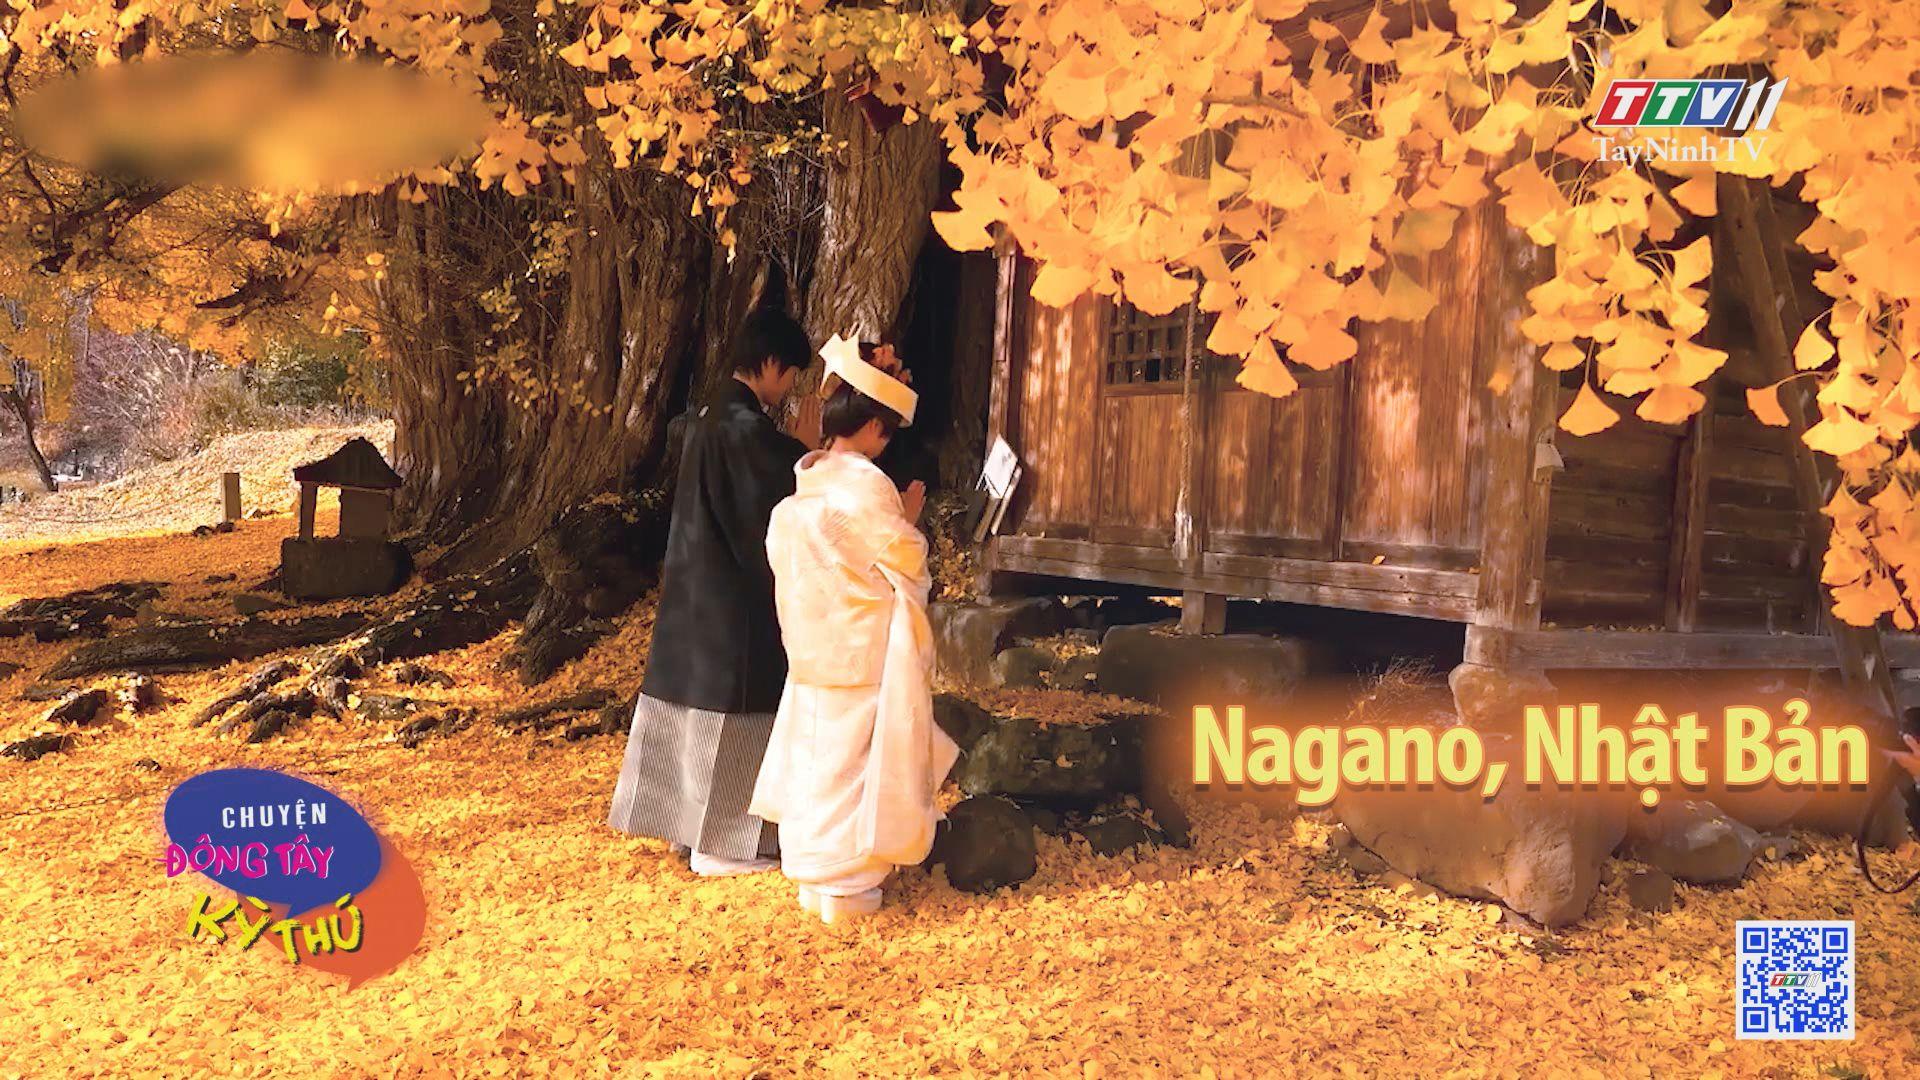 Báu vật mùa thu tuyệt đẹp ở Nhật Bản | CHUYỆN ĐÔNG TÂY KỲ THÚ | TayNinhTV